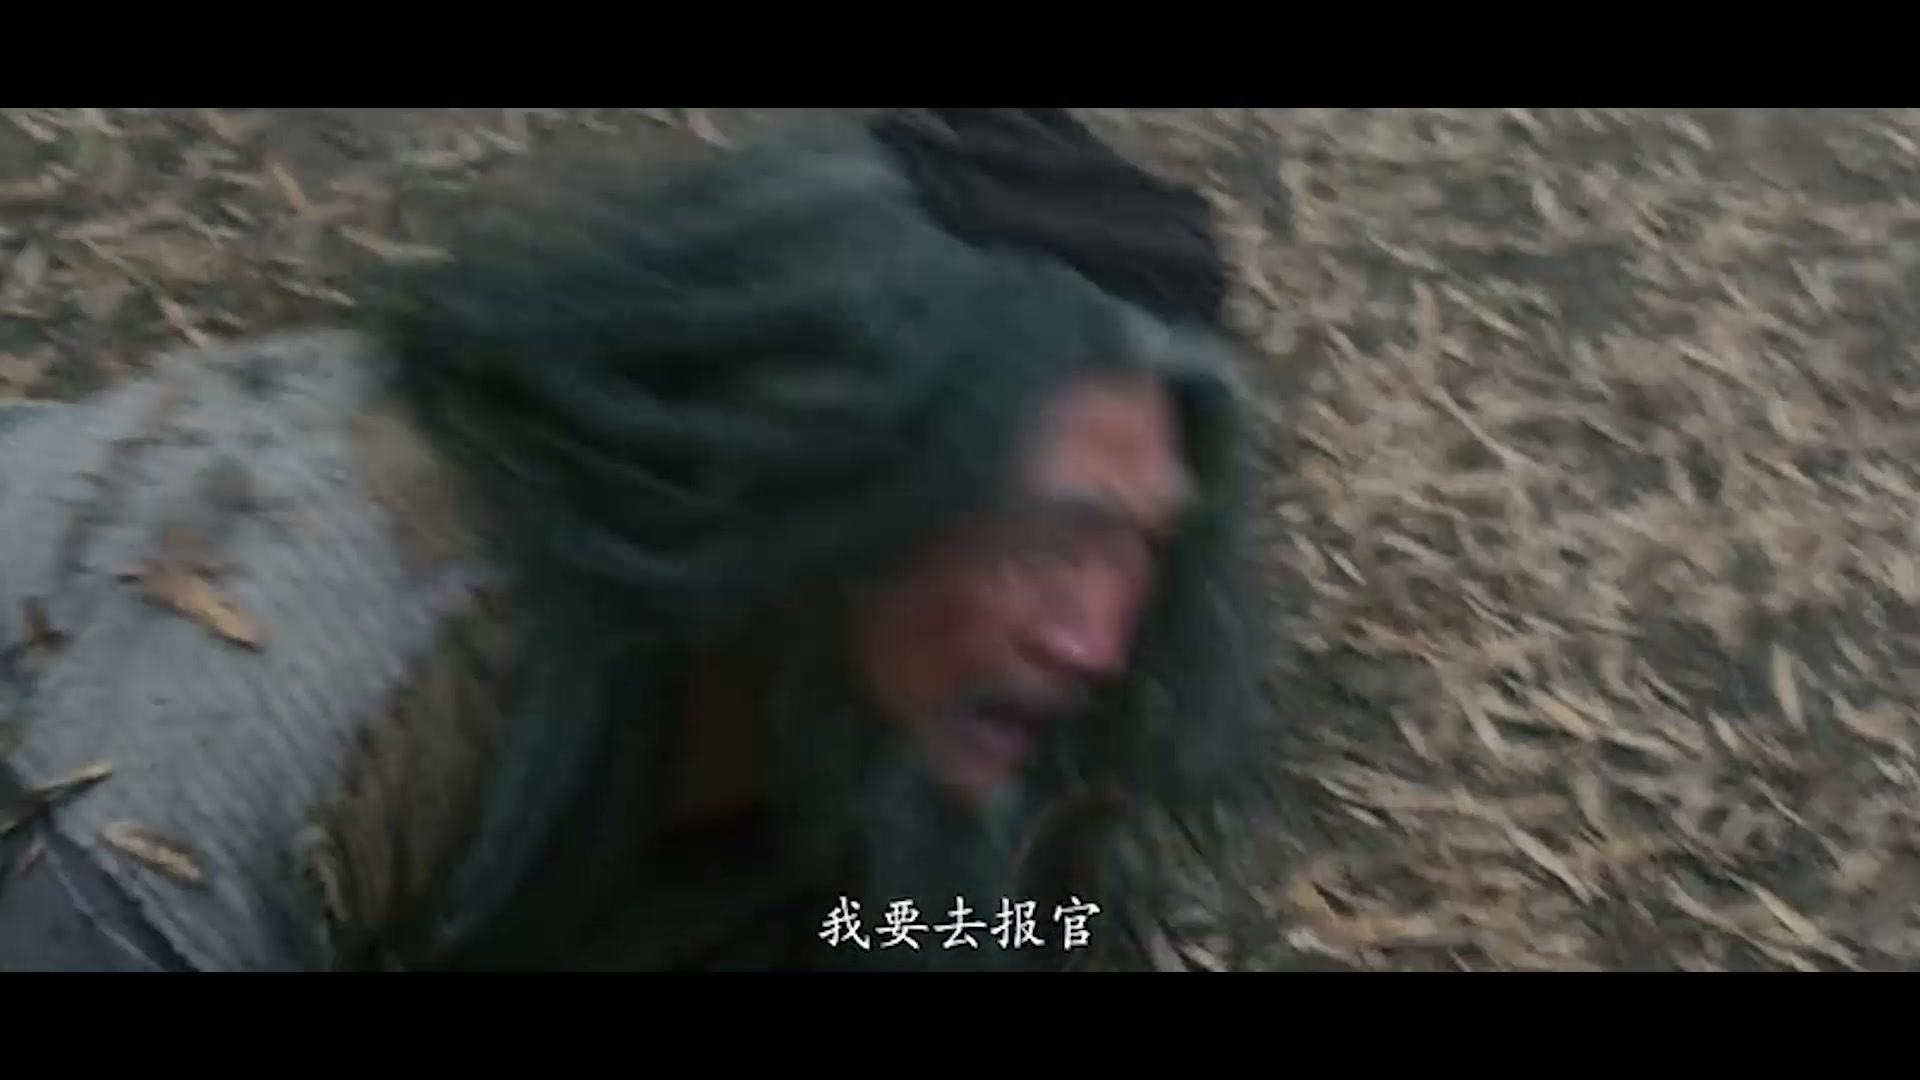 #电影迷的修养#《龙虎山张天师》5大高能名场面:樊少皇热血斗巫,除蛊灭邪